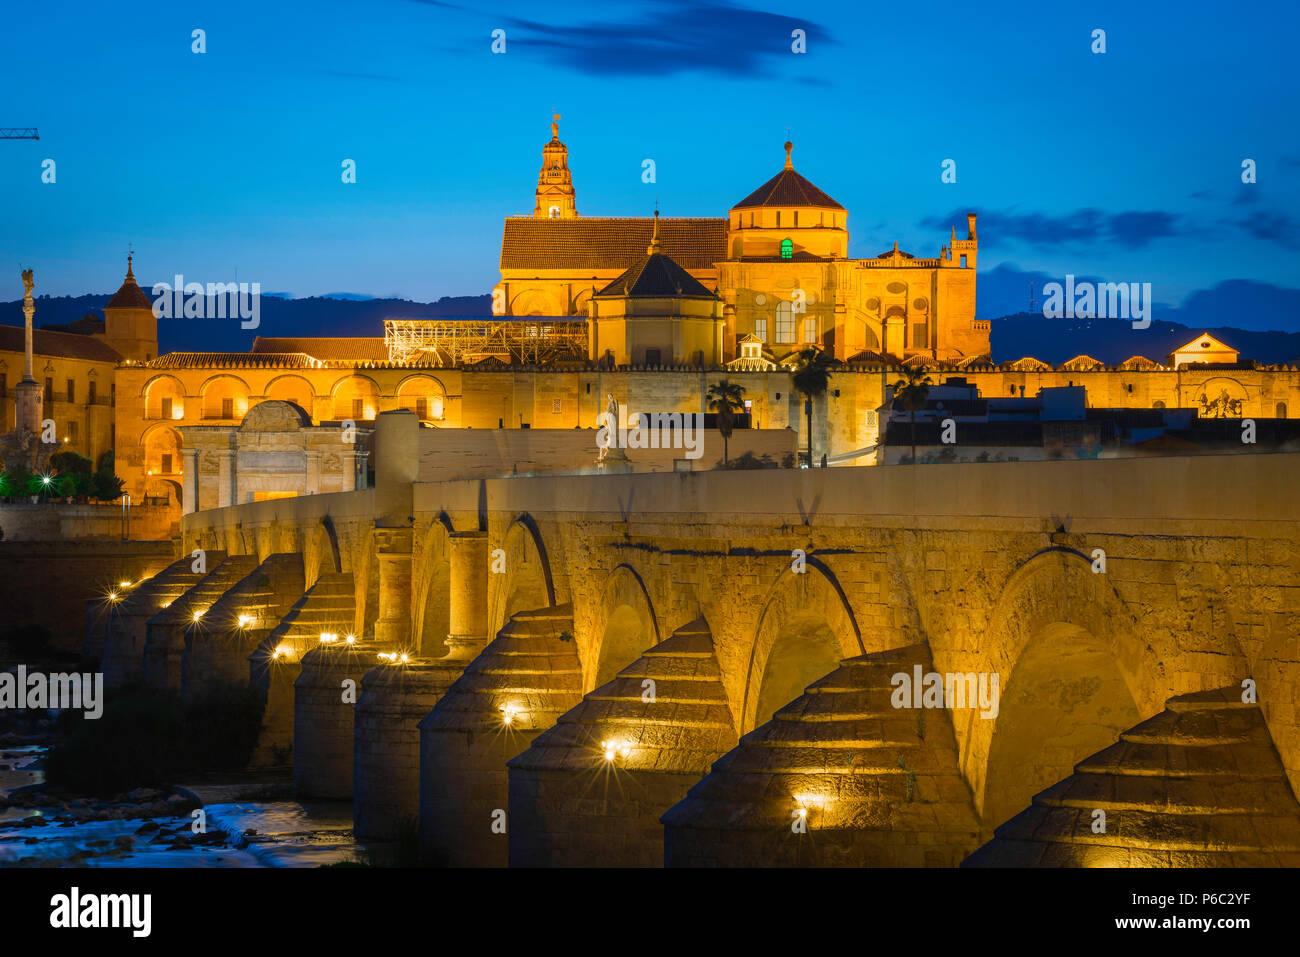 Córdoba España, vistas por la noche cruzando el puente romano (Puente Romano) hacia la Catedral Mezquita (La Mezquita en Córdoba, Andalucía, España. Imagen De Stock